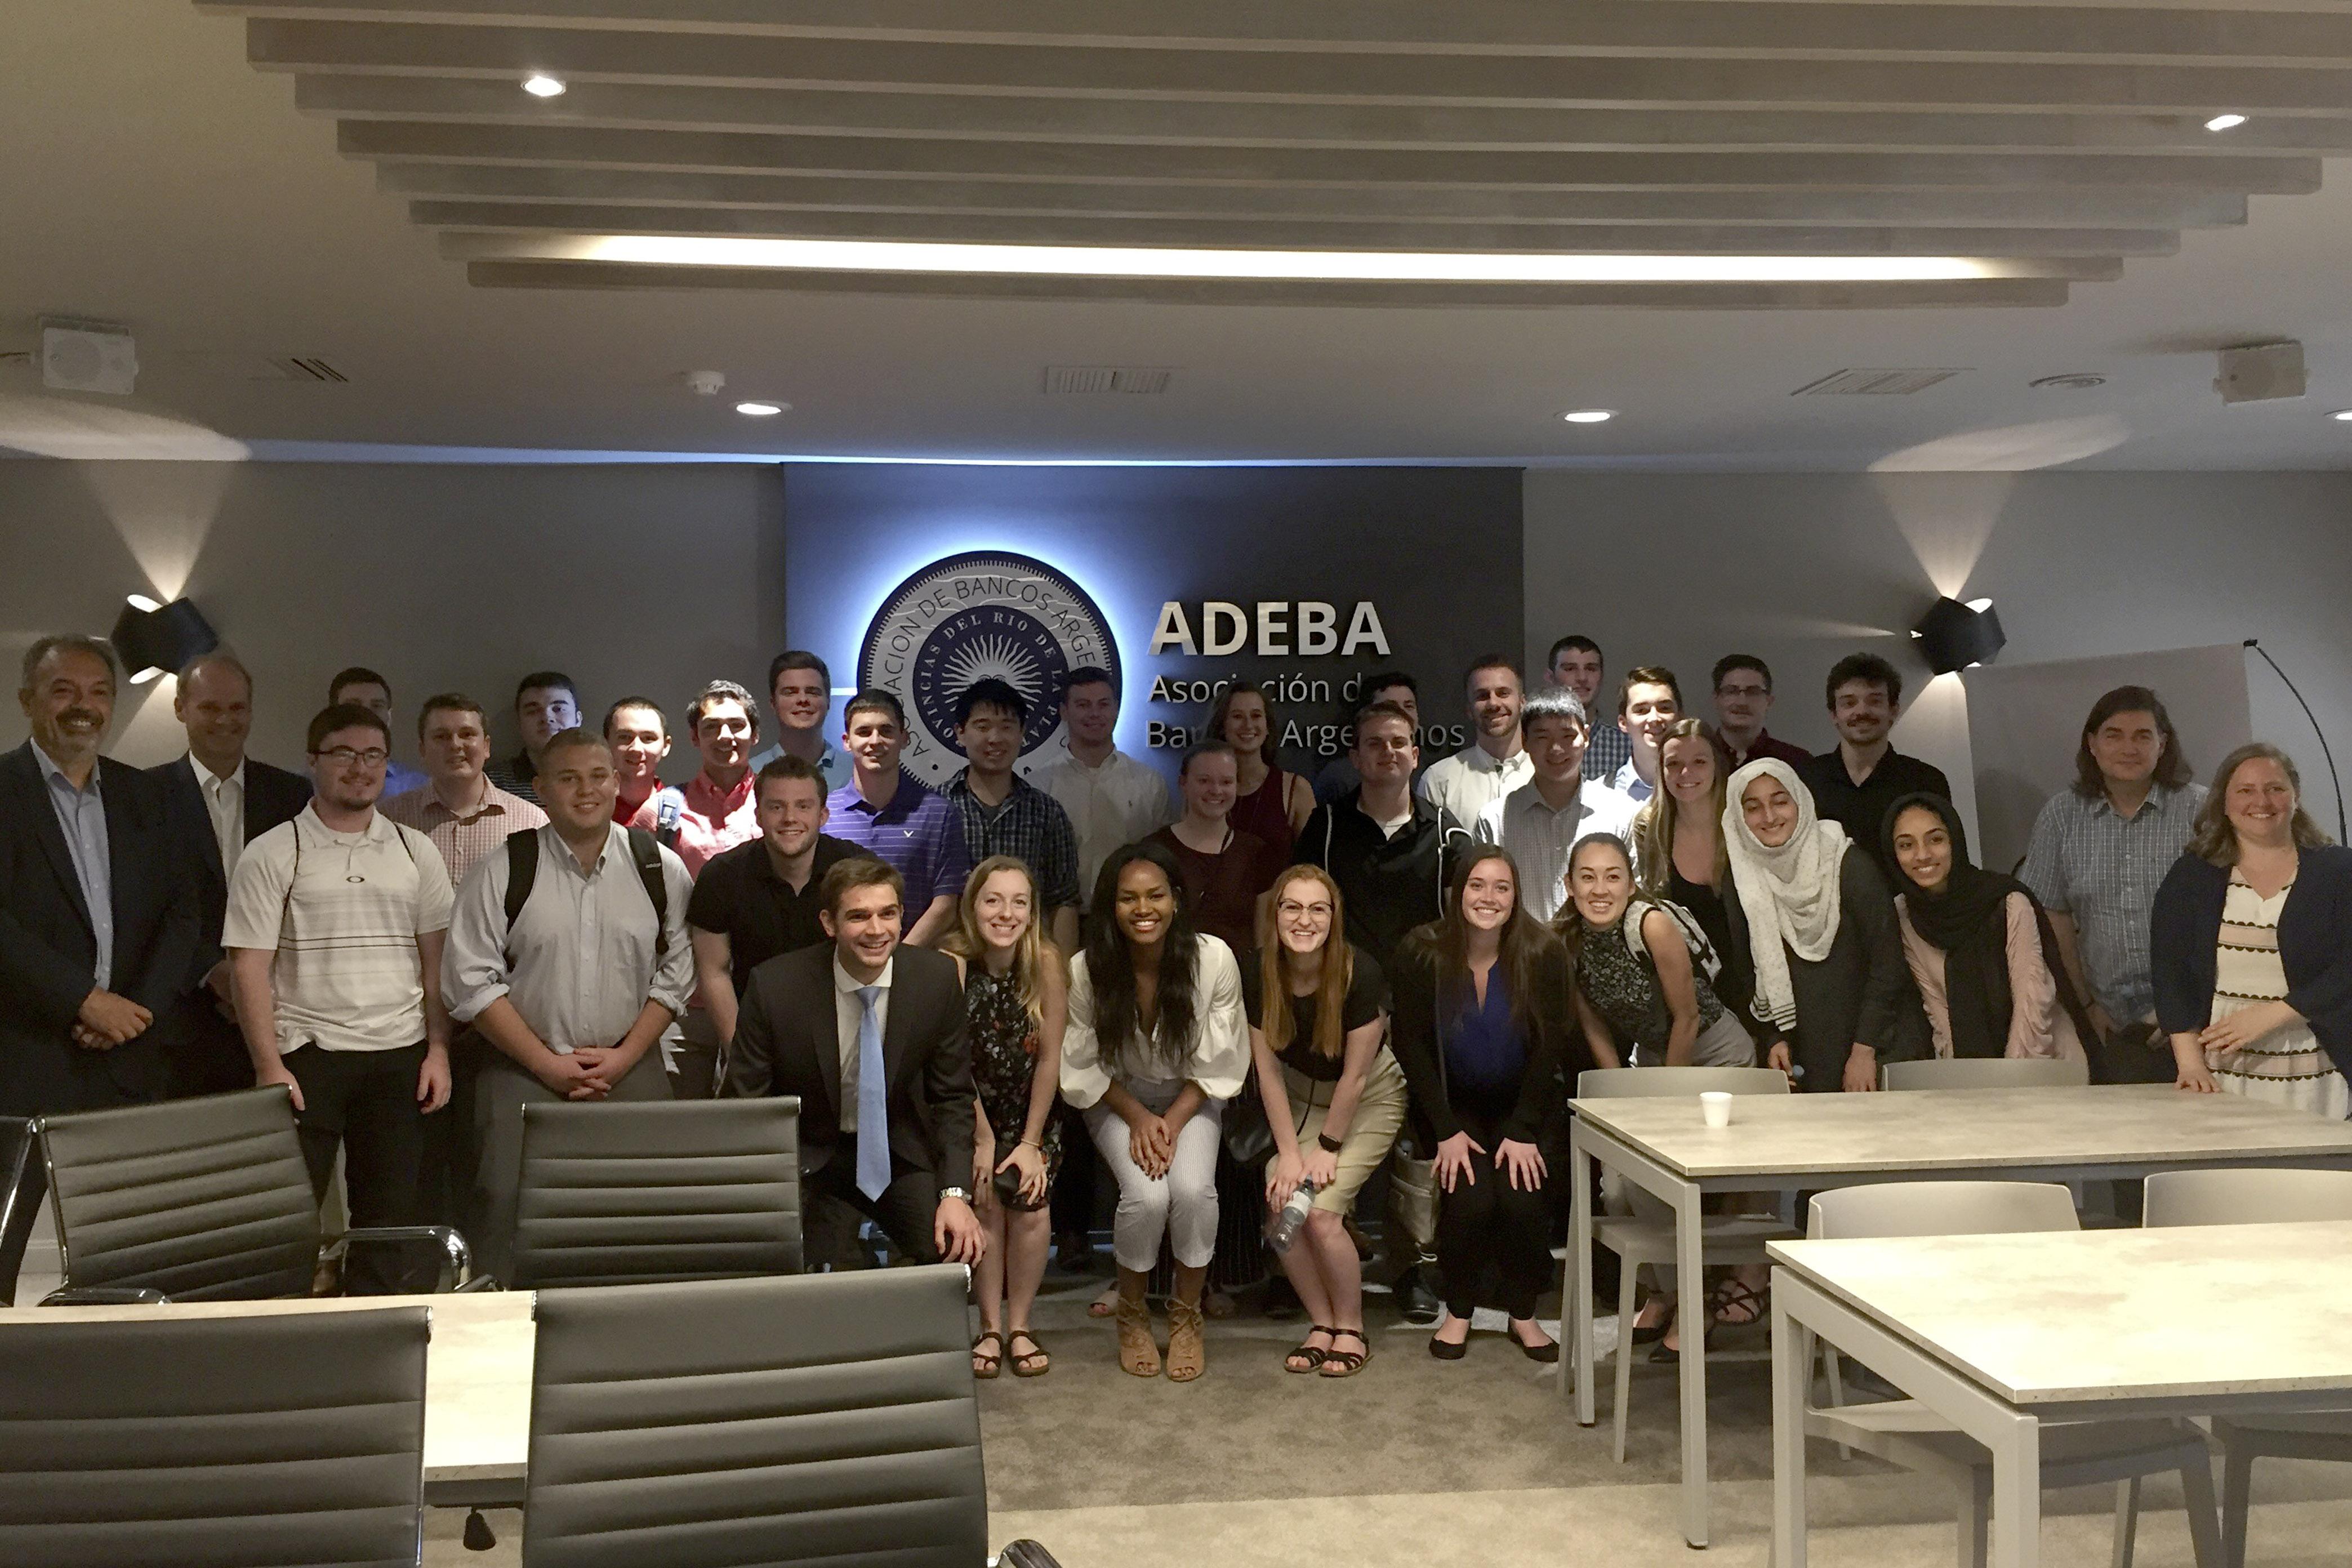 ADEBA recibió a los alumnos de la universidad de Minnesota